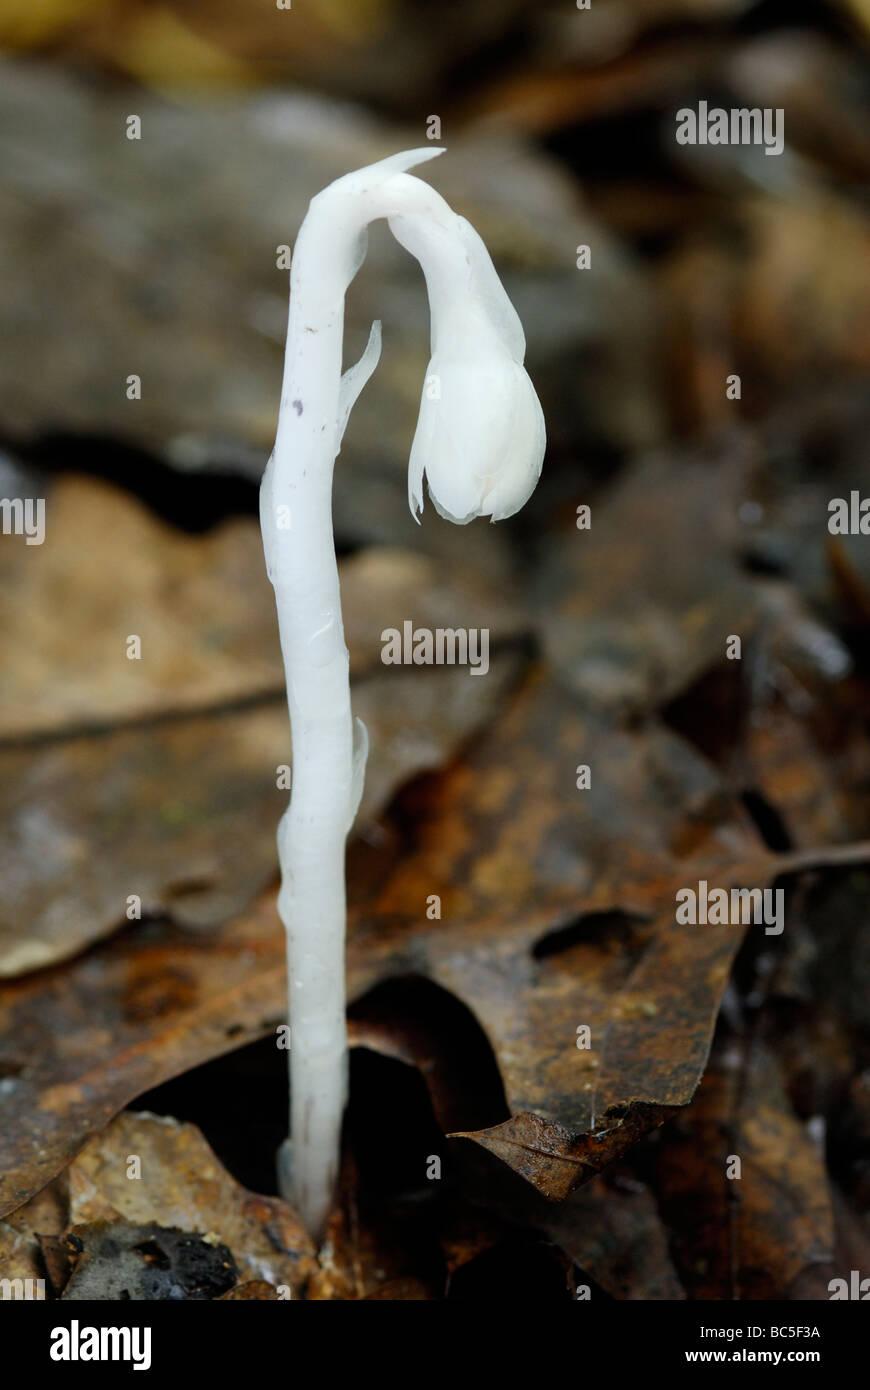 Tubo indiano, Monotropa uniflora, un insolito non-attività fotosintetica, parassiti di piante da fiore. Immagini Stock